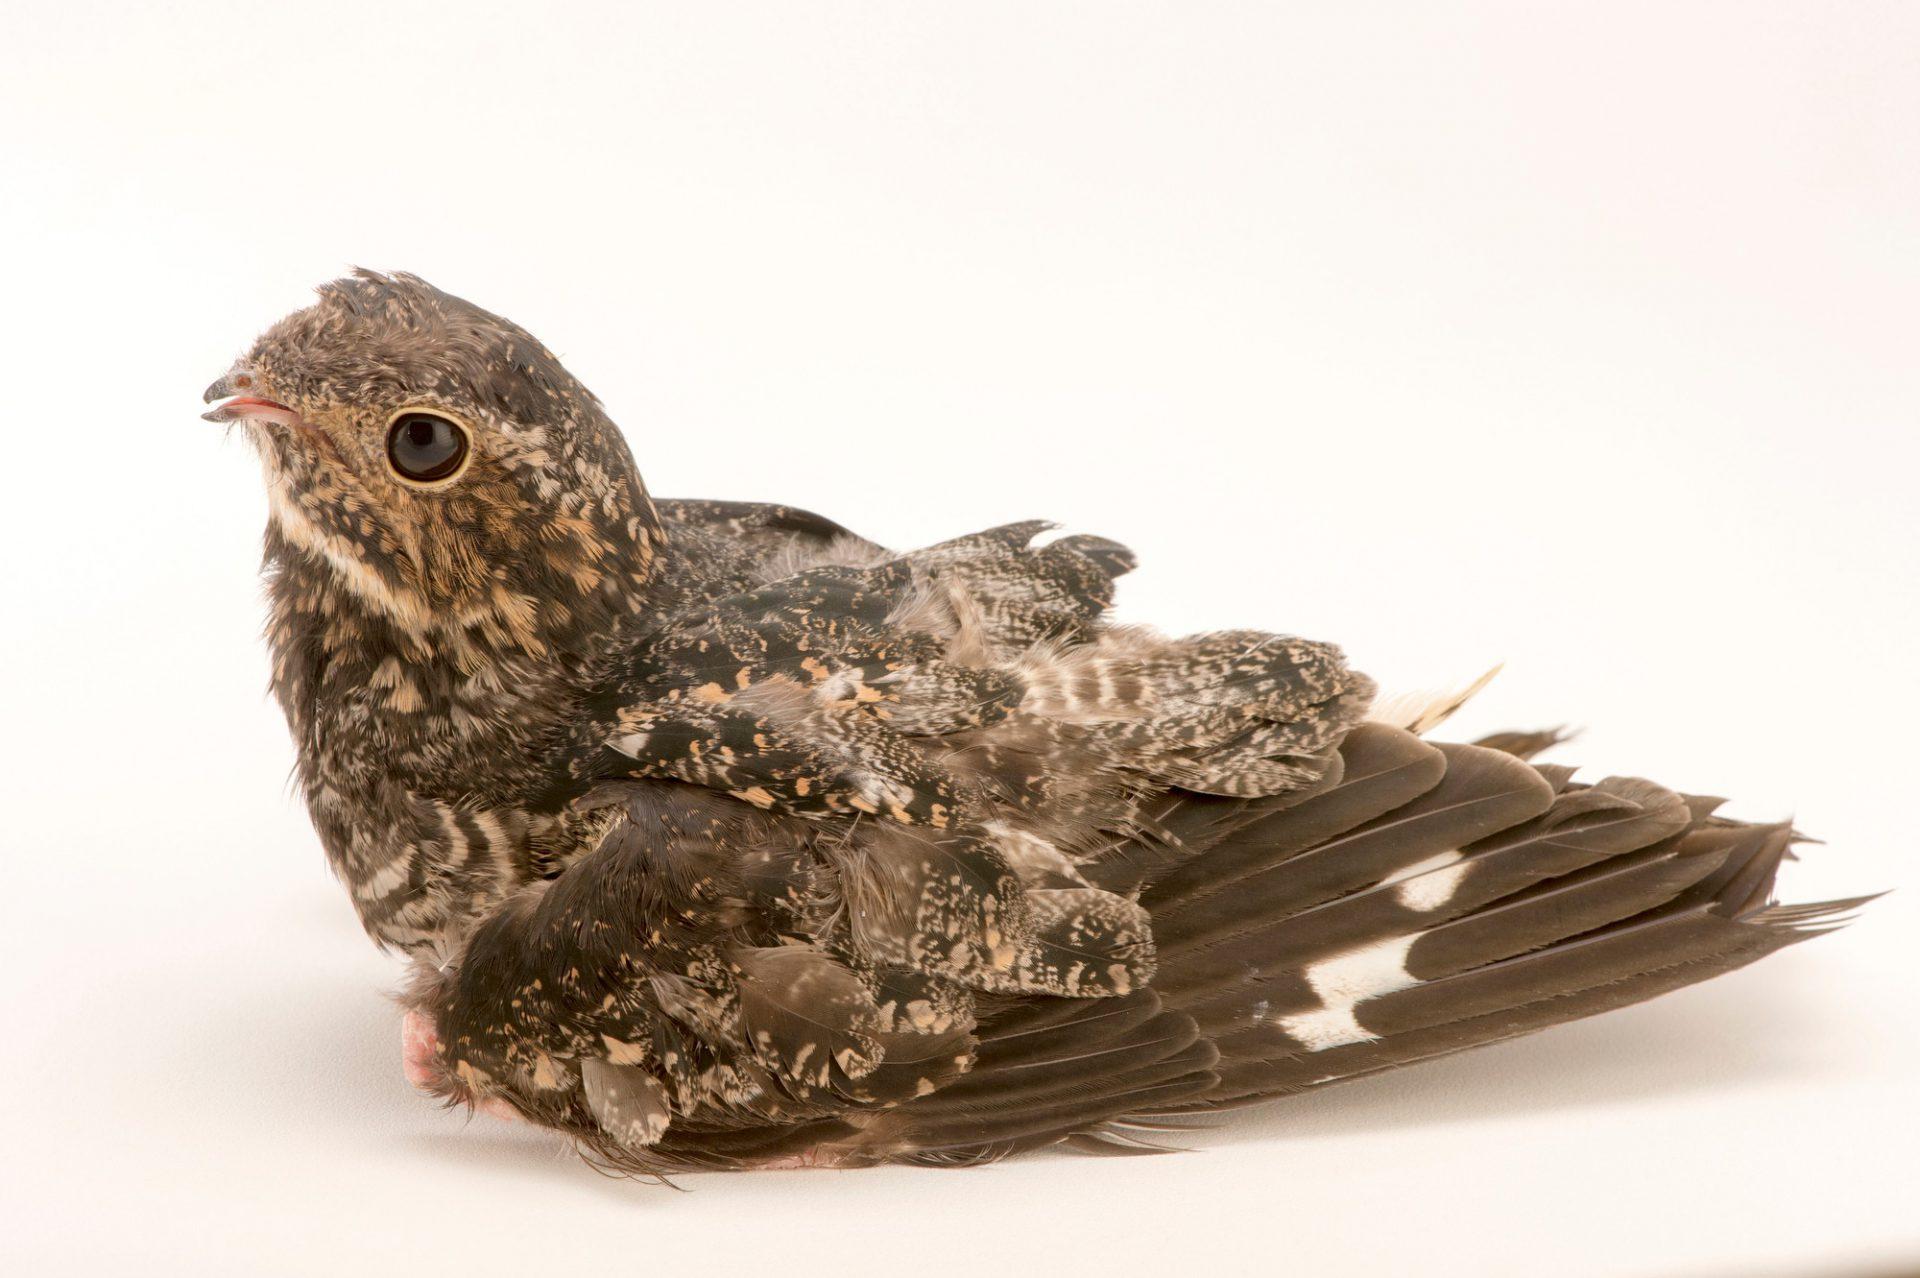 Picture of a common nighthawk (Chordeiles minor) at the Virginia Aquarium.